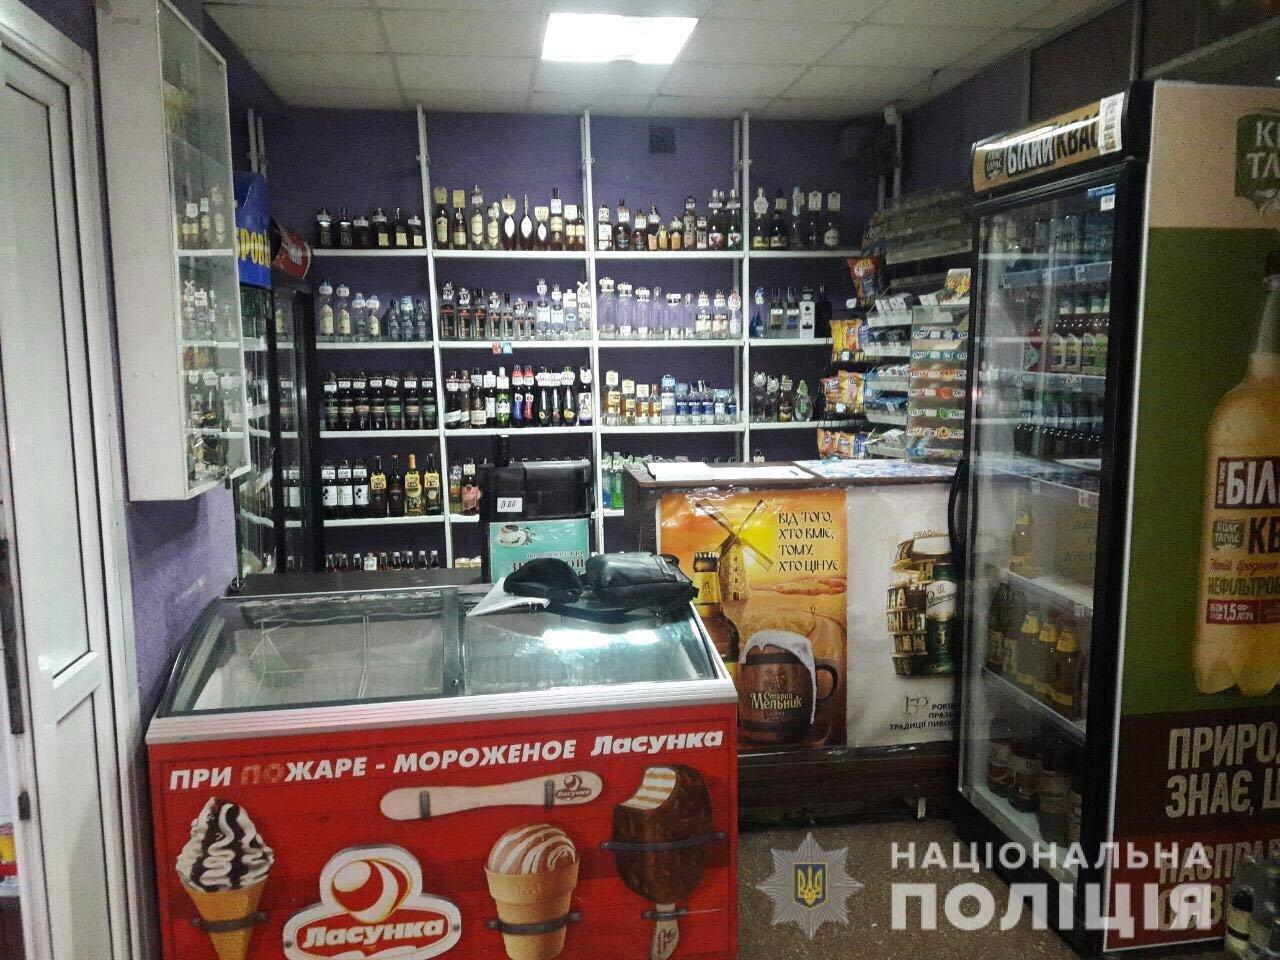 В Днепре у магазина без лицензии изъяли больше полтысячи бутылок алкоголя, - ФОТО, фото-1